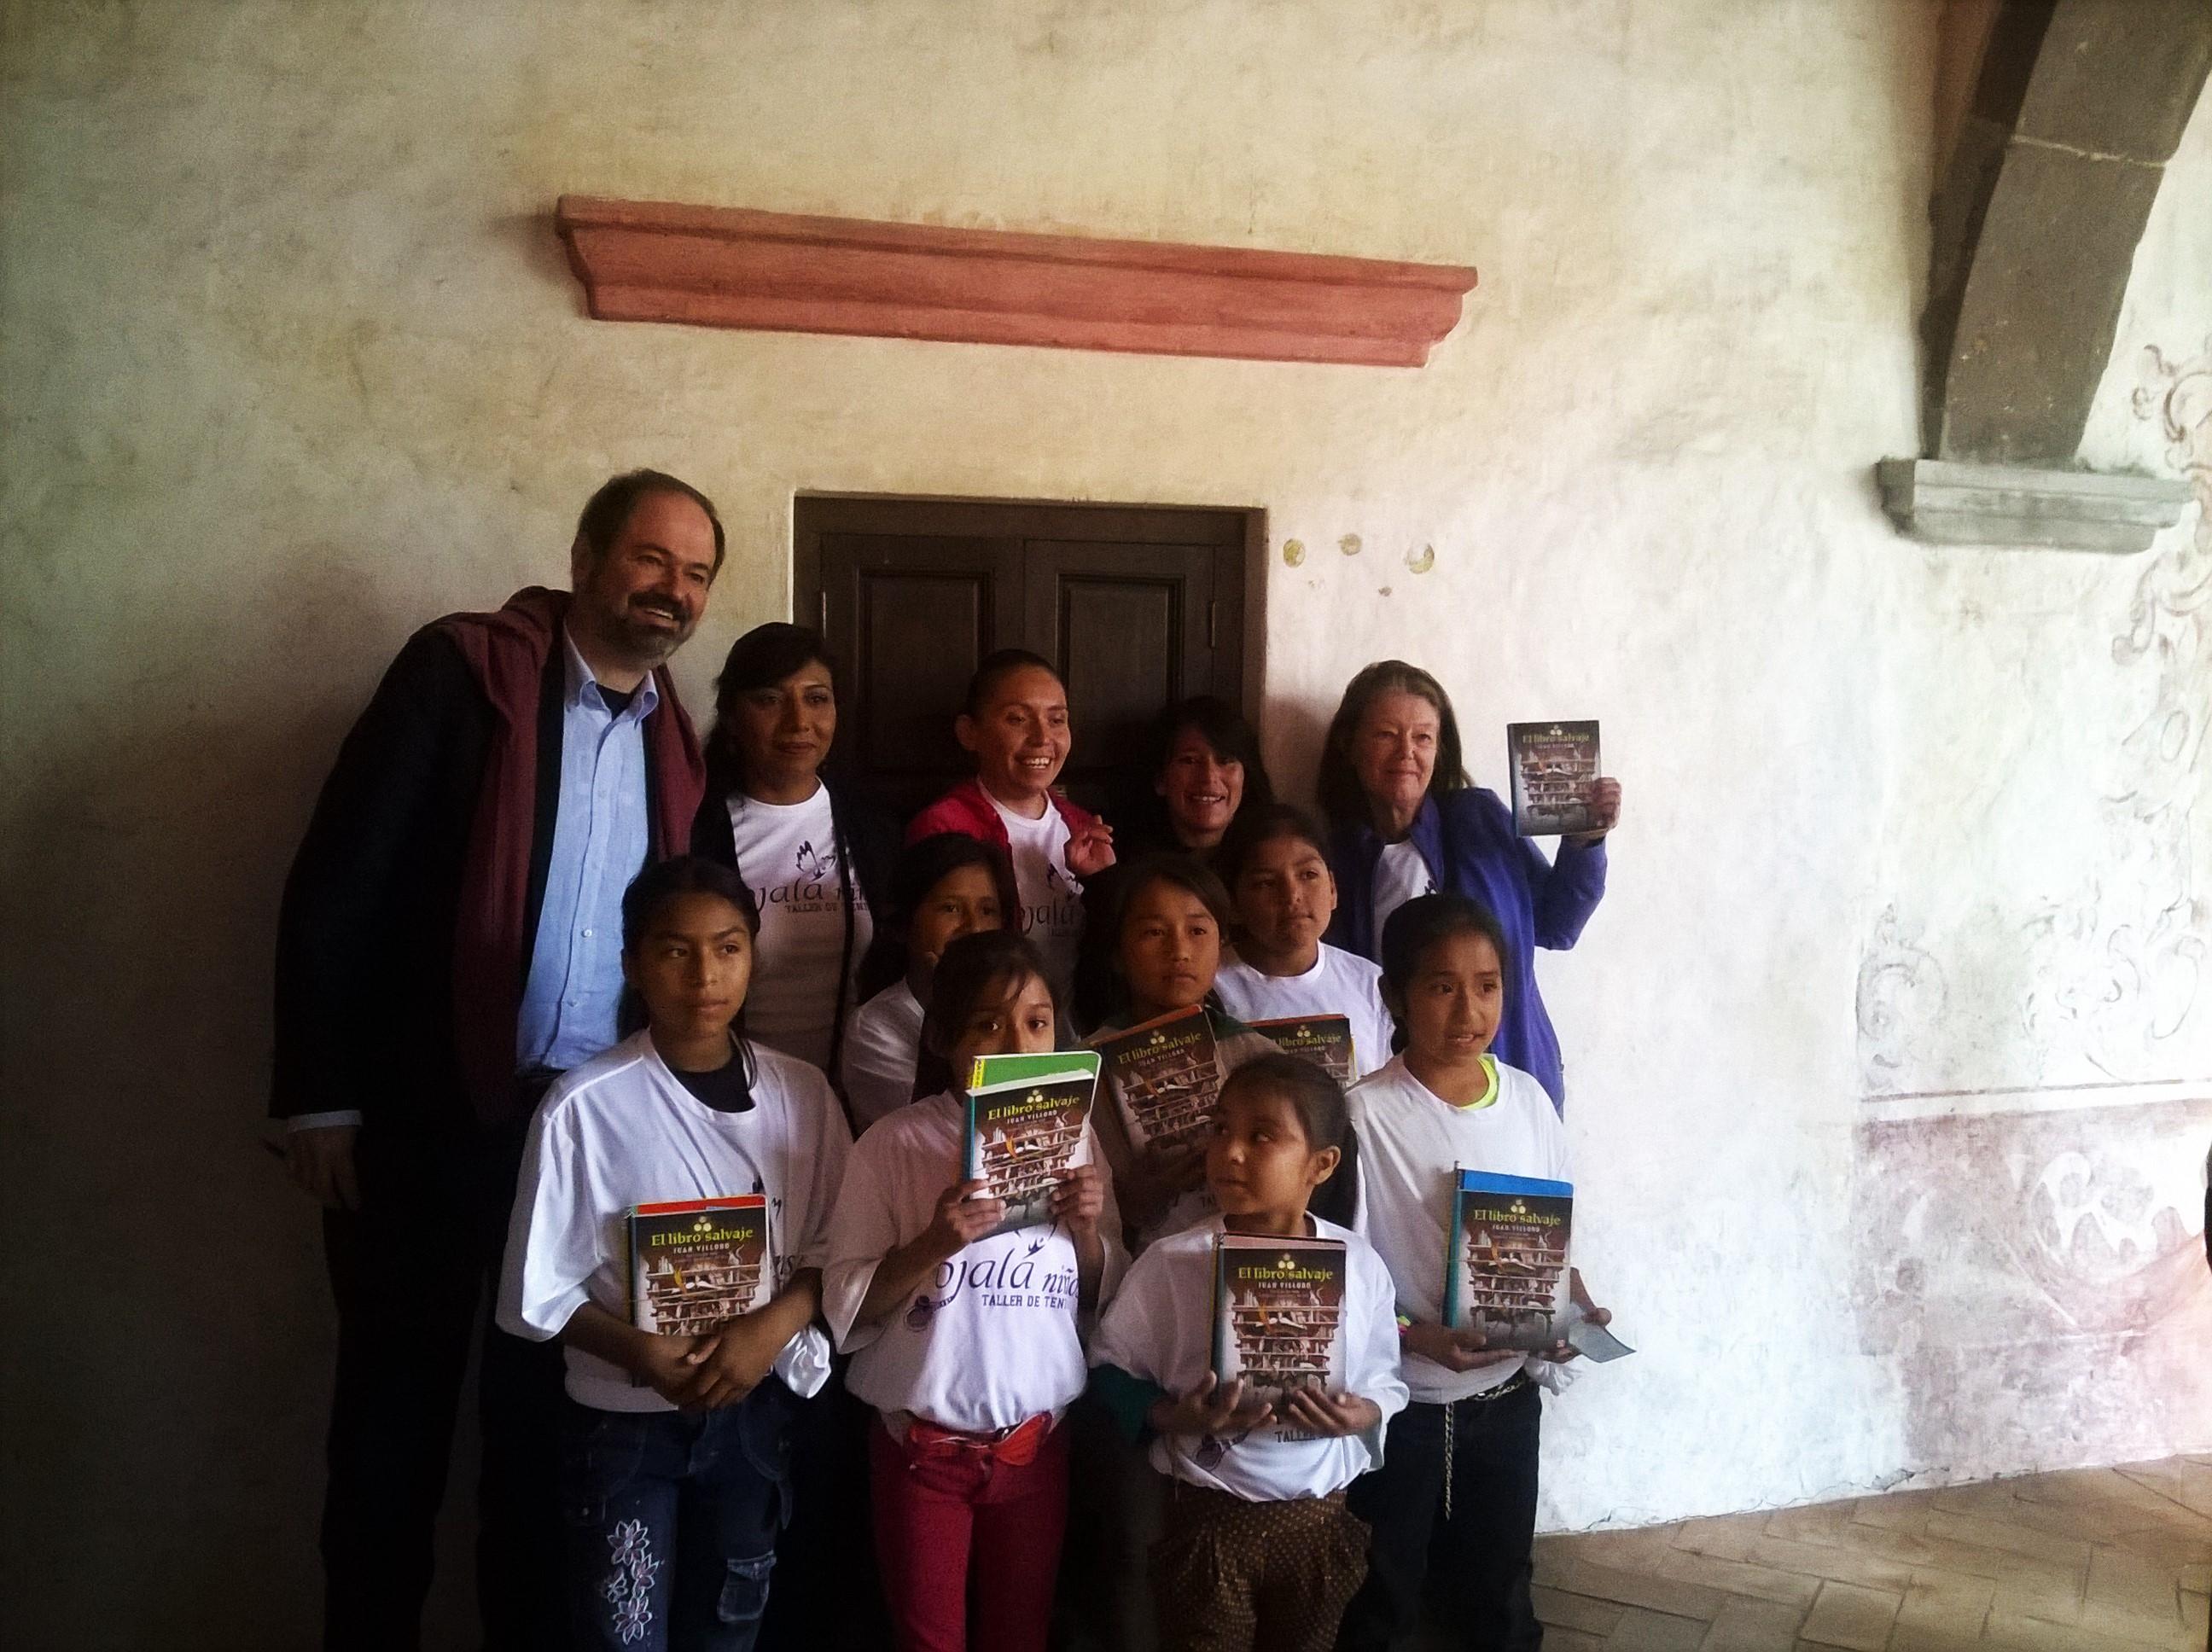 600 niños en el campo reciben El Libro Salvaje y Conversan con Juan Villoro